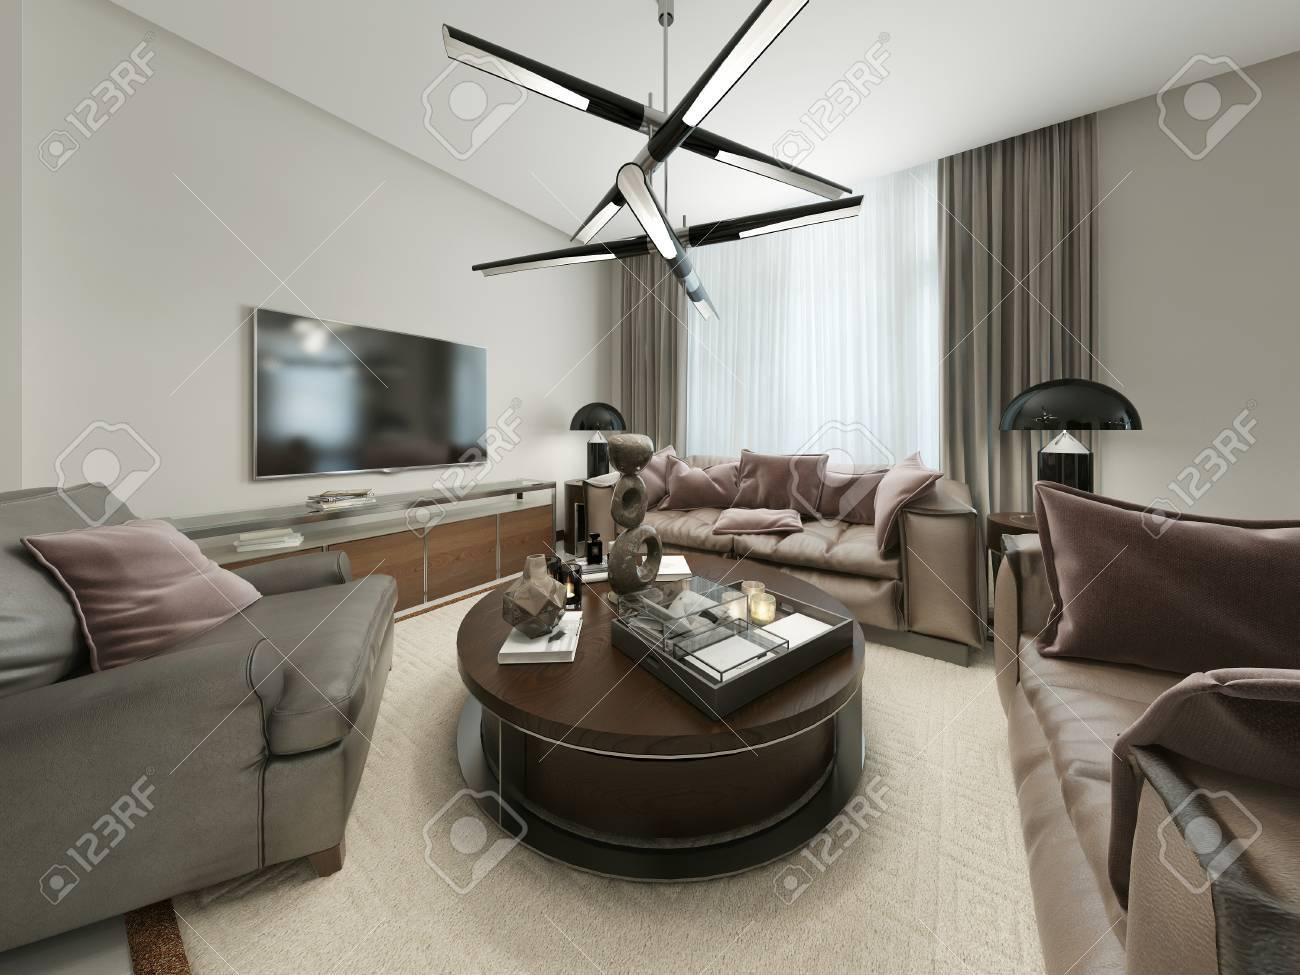 Salon moderne avec des sièges et Media Storage. Les tons chauds marron et  beige. Rendu 3D